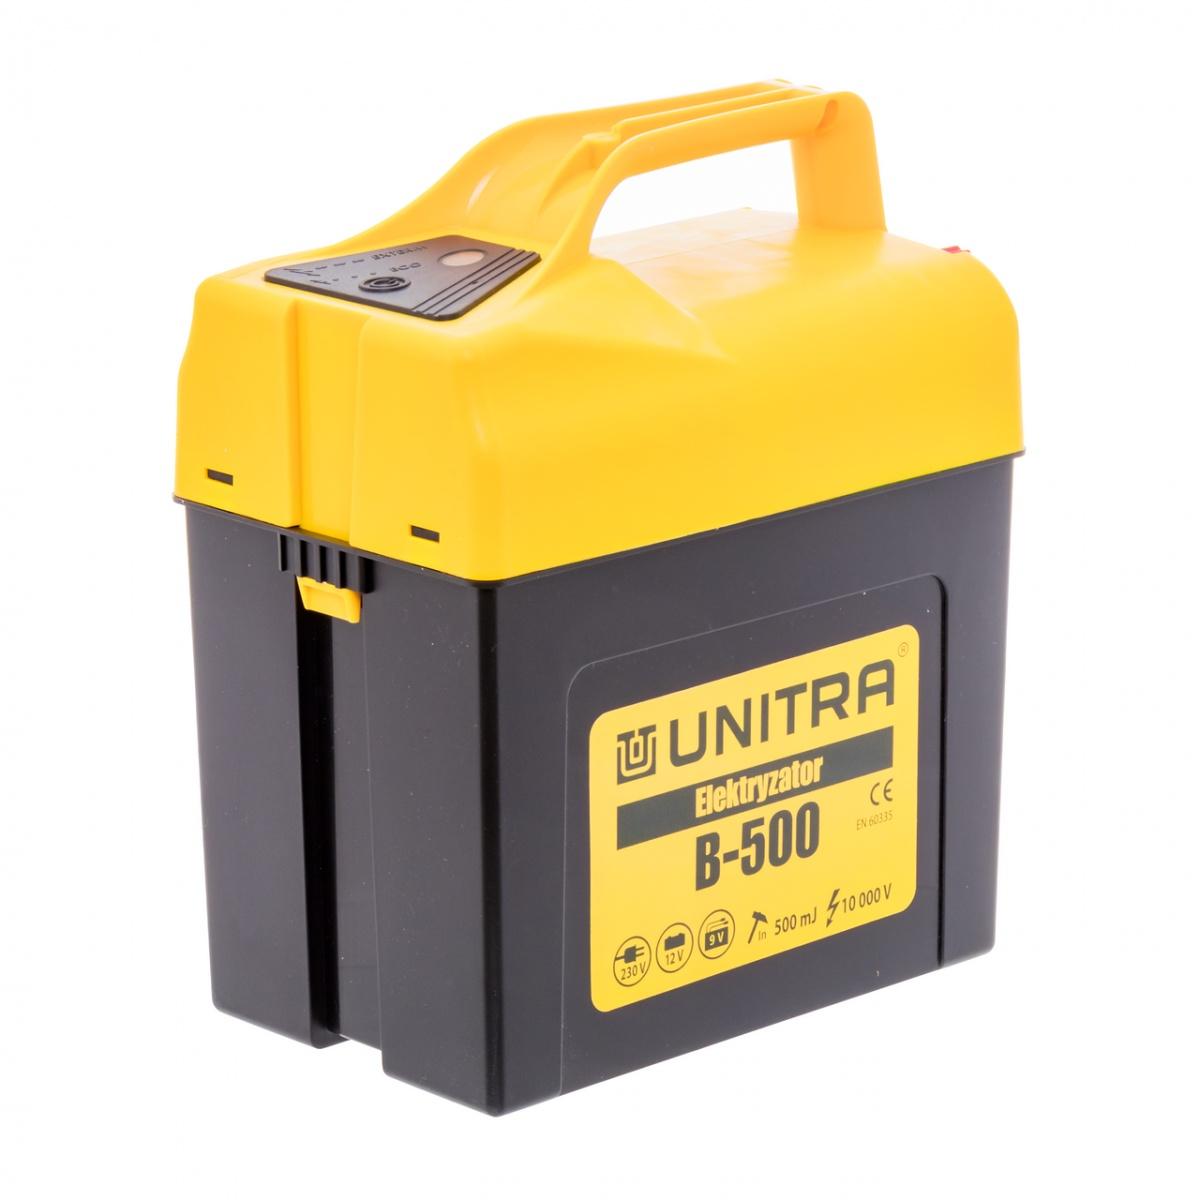 UNITRA B-500 villanypásztor készülék, 9-12 V, 0,5 Joule